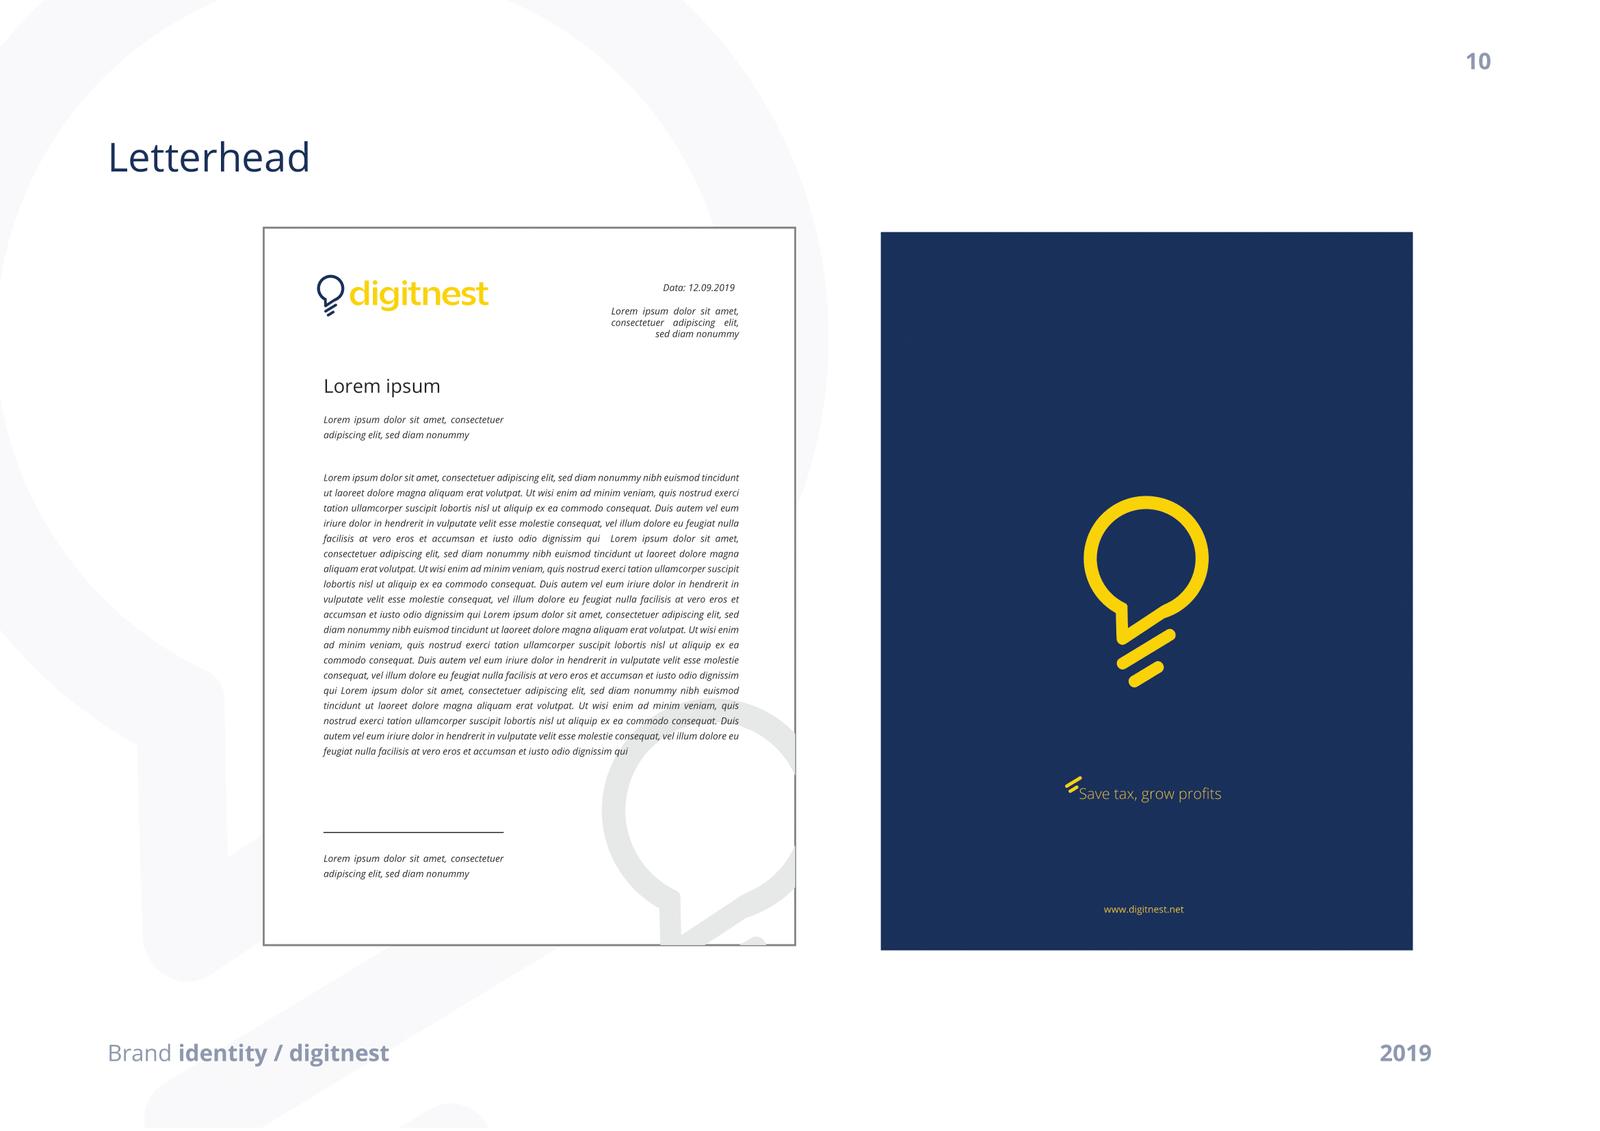 Digitnest_Brand_identity-11